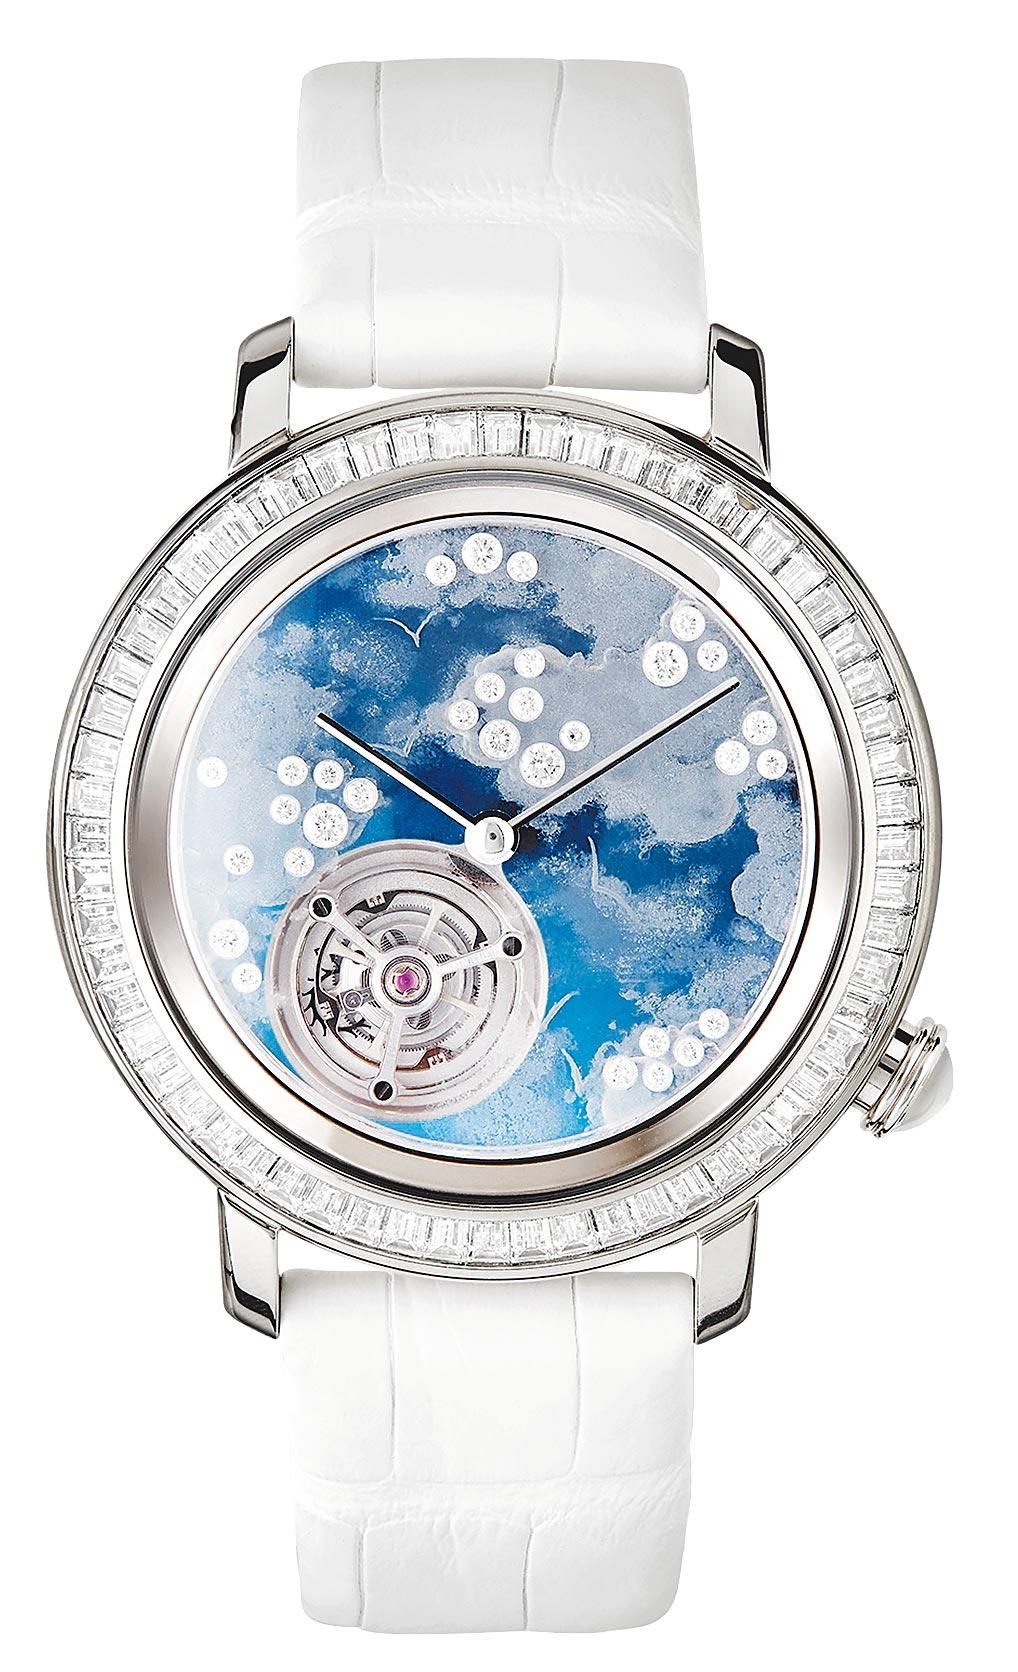 寶詩龍Epure系列Miroirs Infini主題陀飛輪腕表,表盤彩繪白雲飛鳥,770萬。(Boucheron提供)